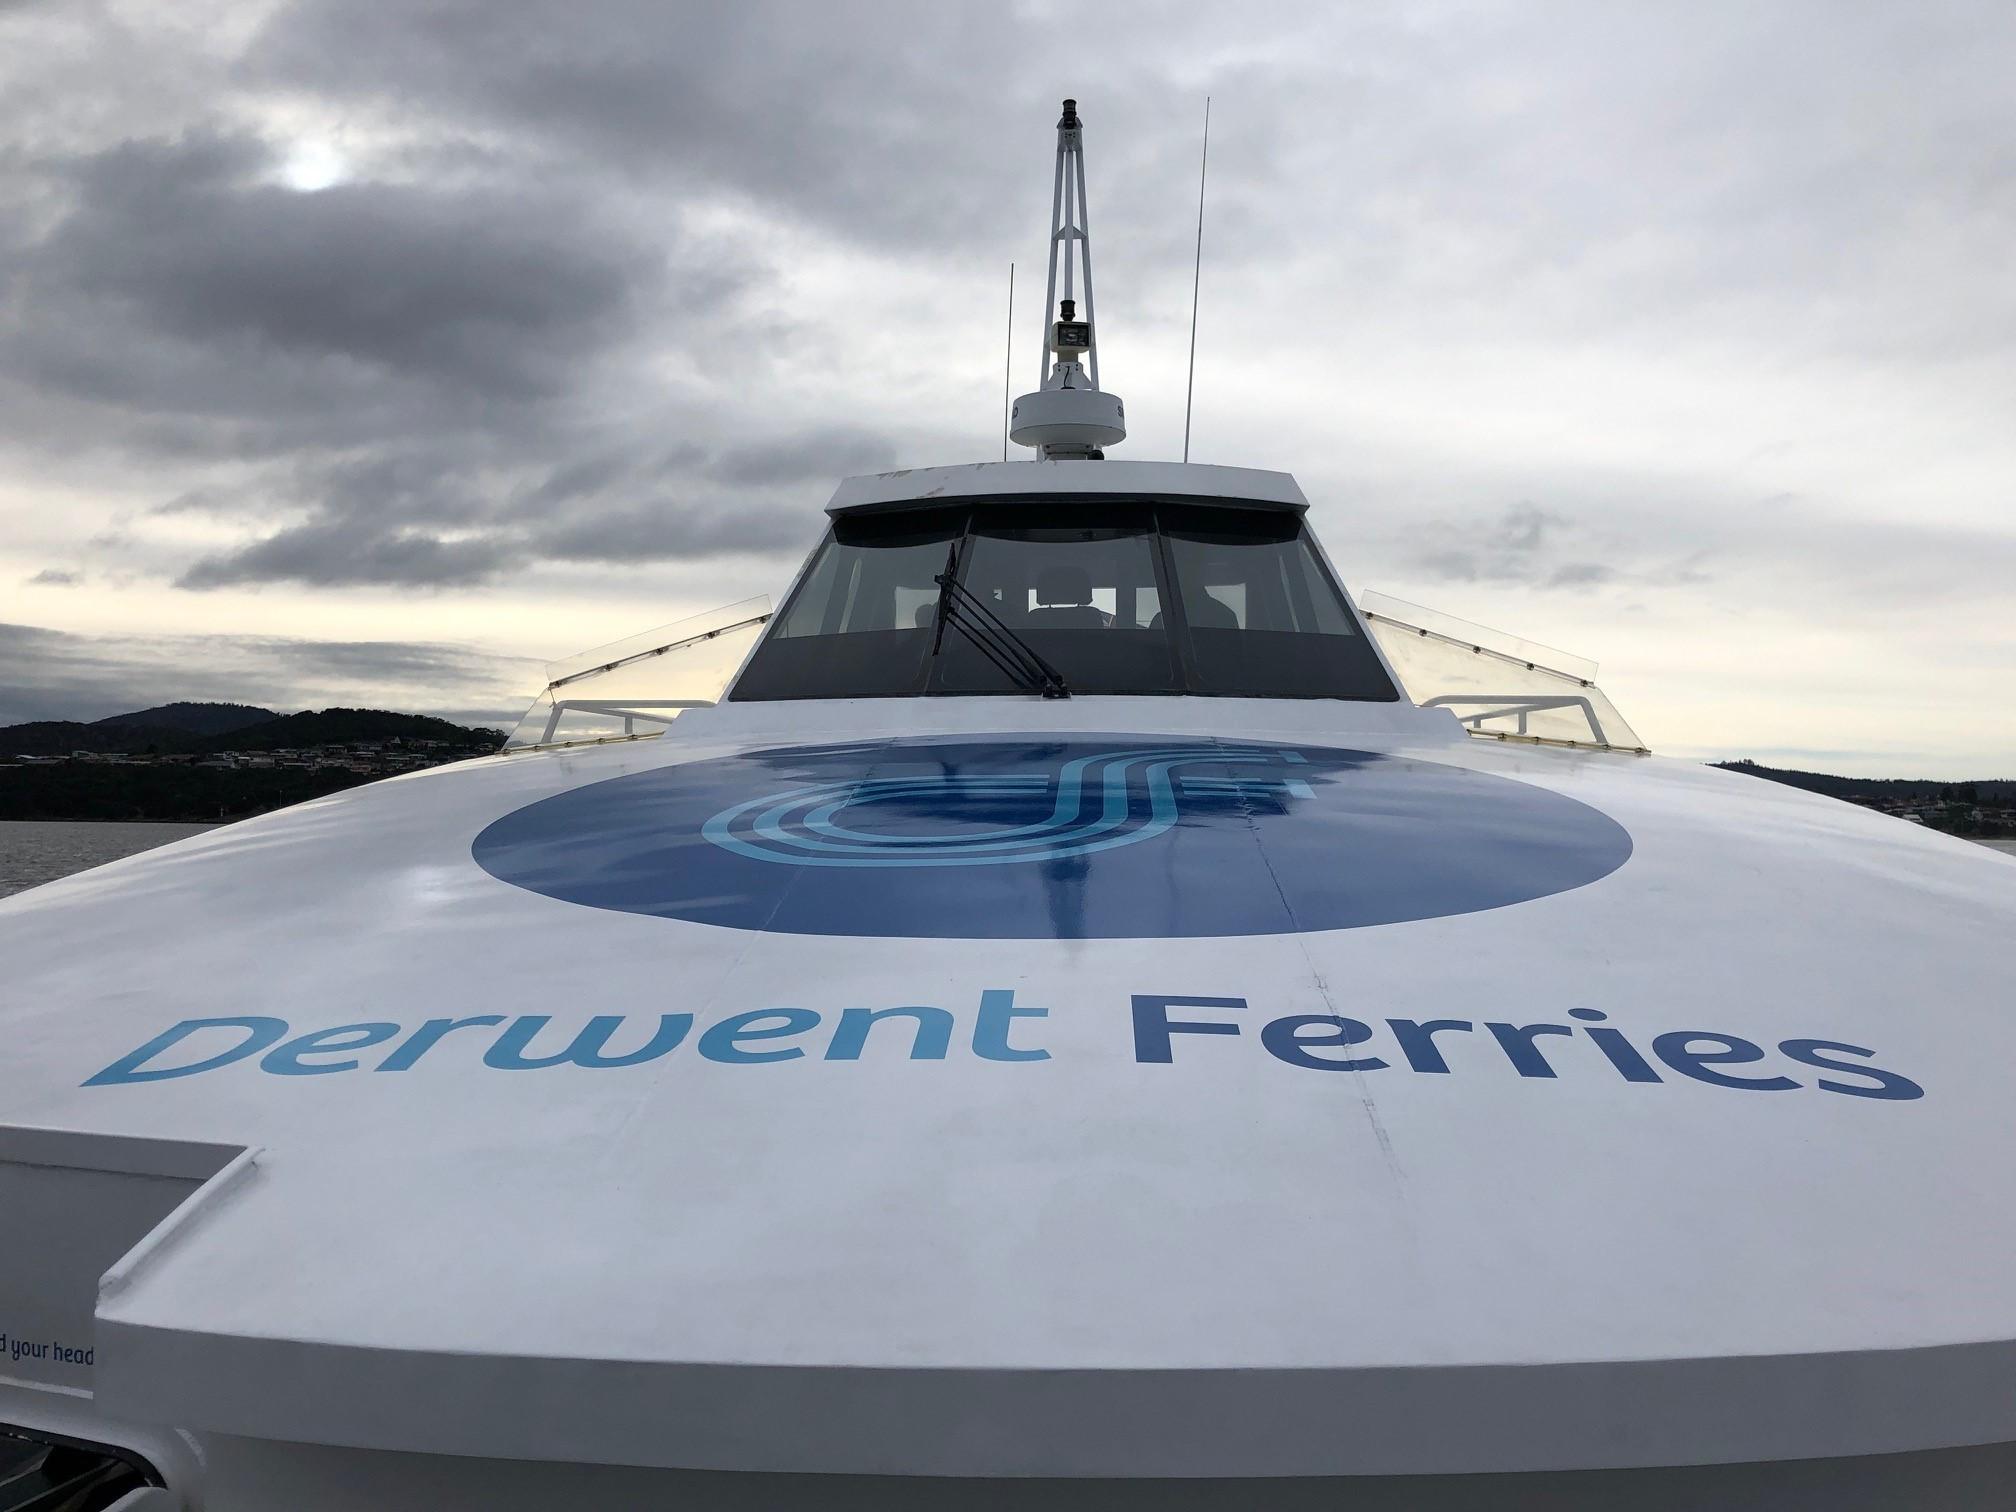 Derwent Ferry sea trials begin